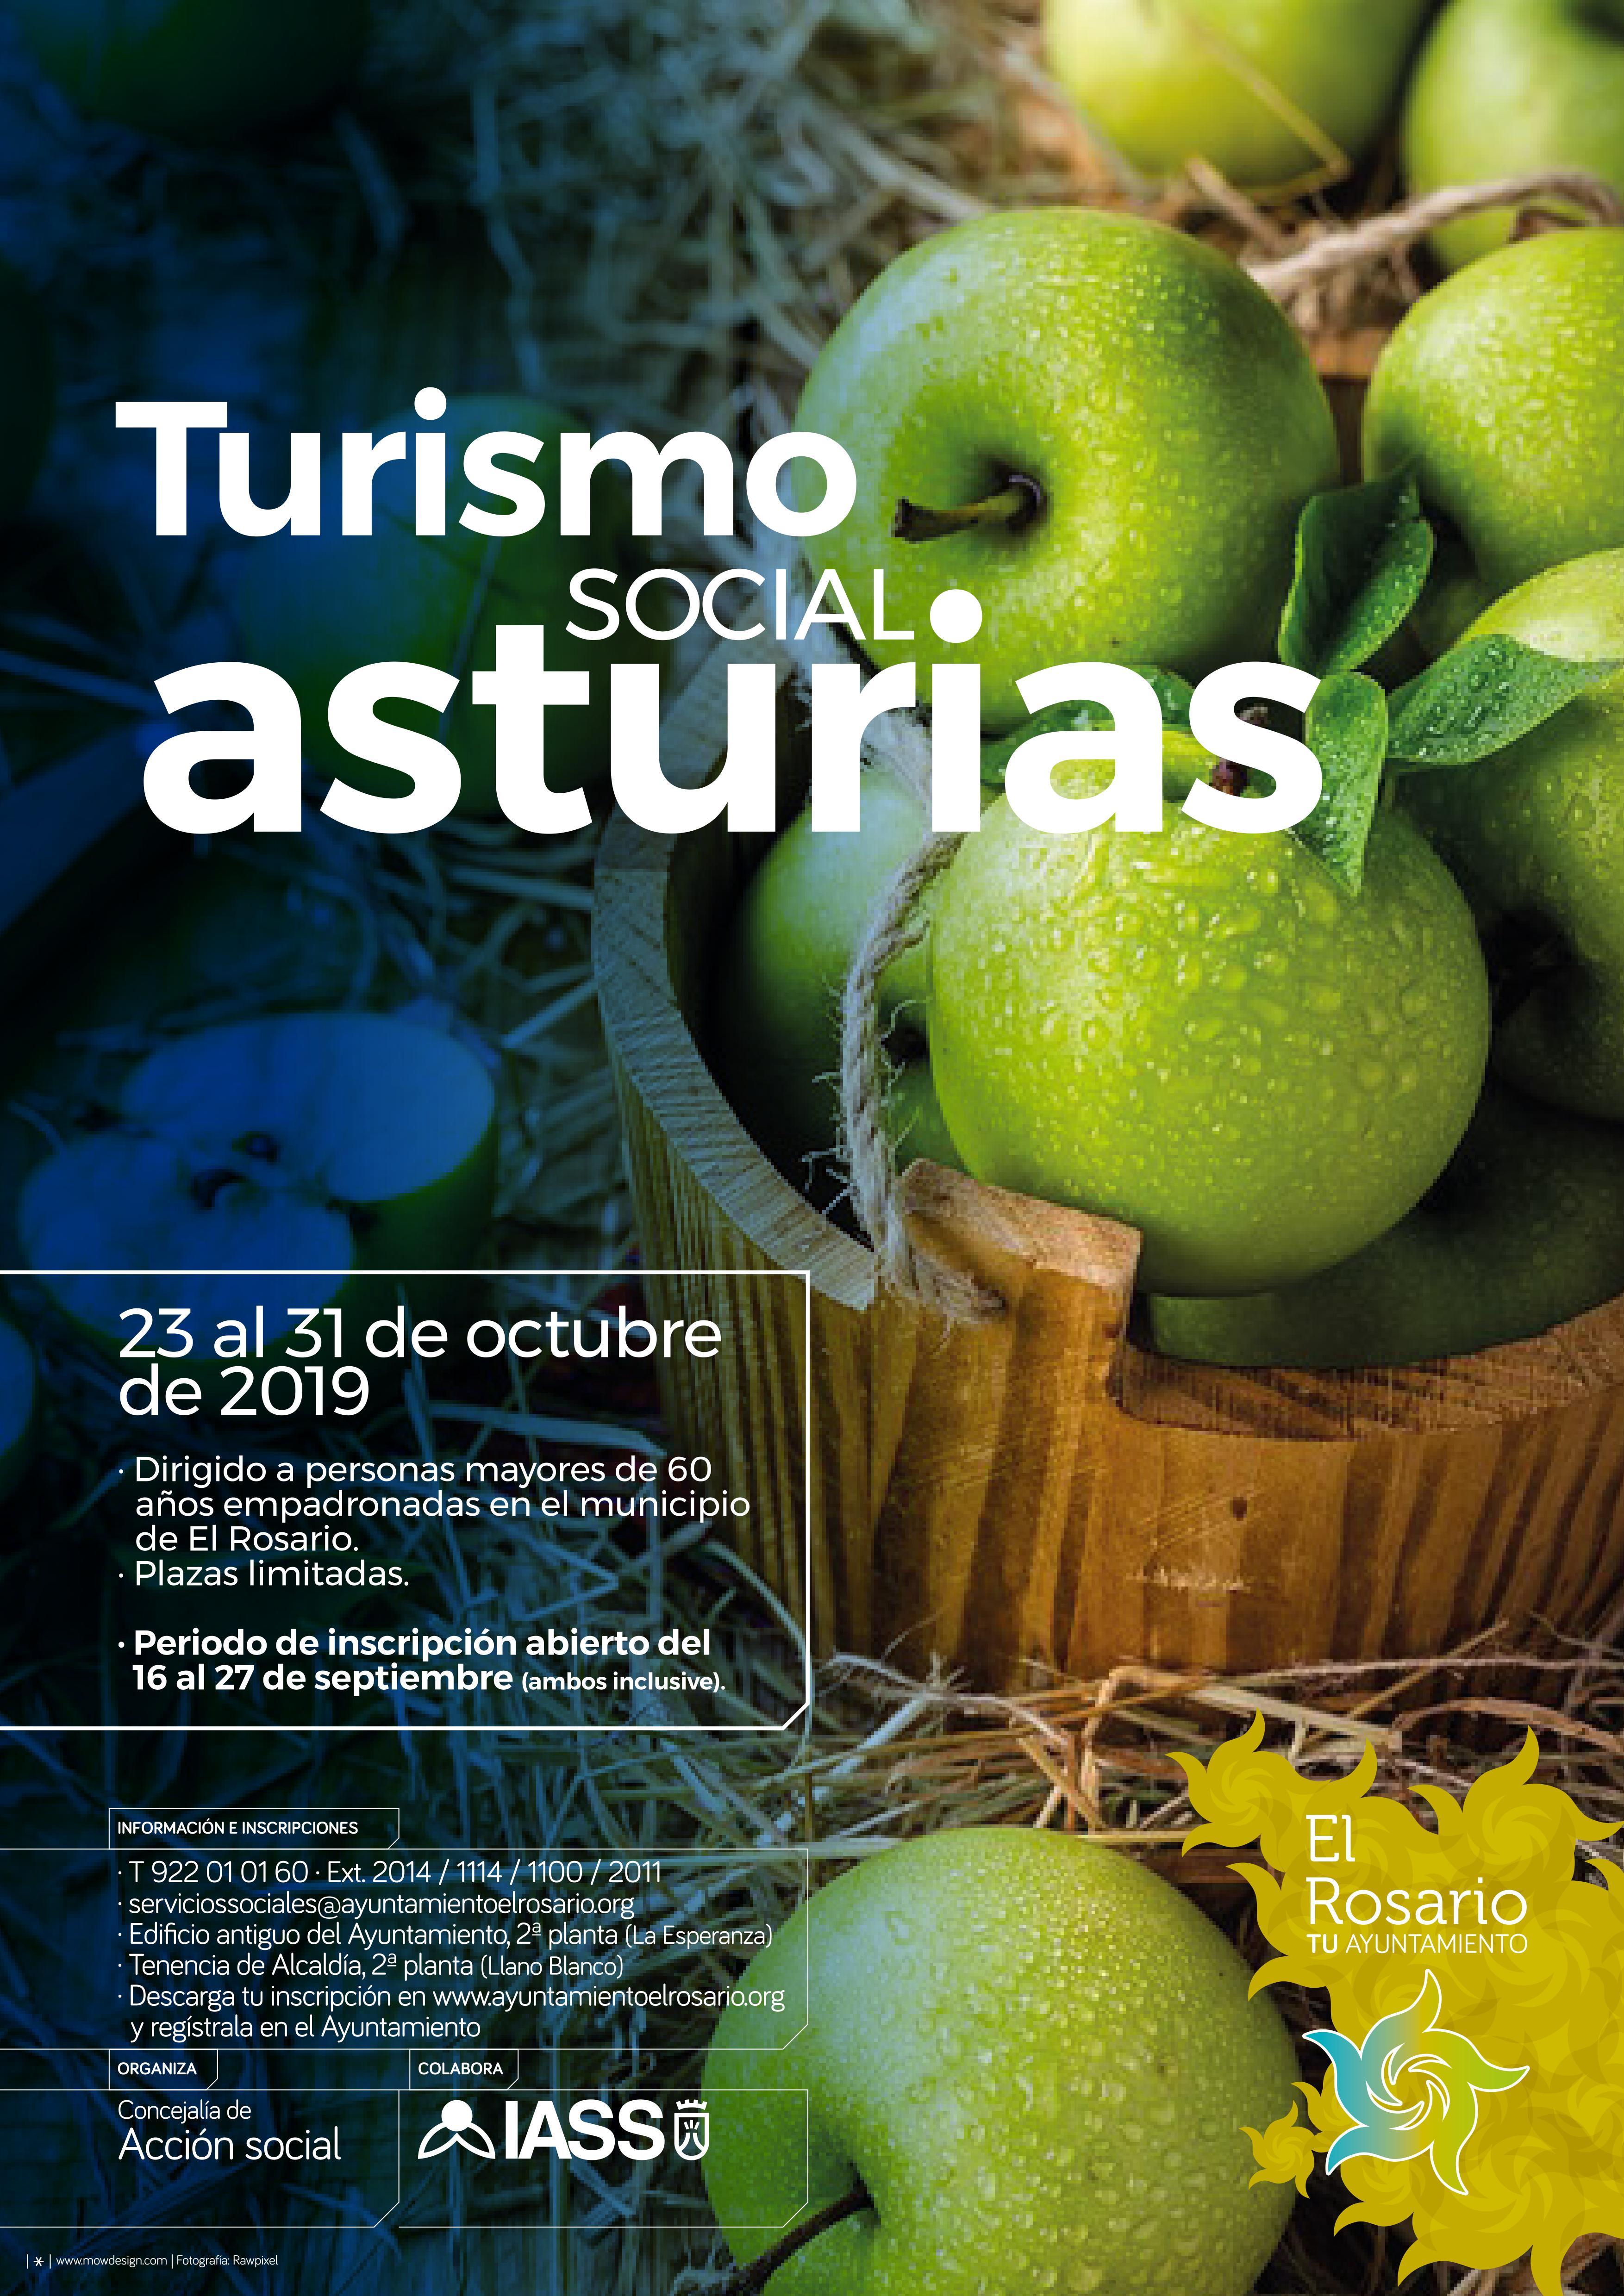 cartel turismo social asturias